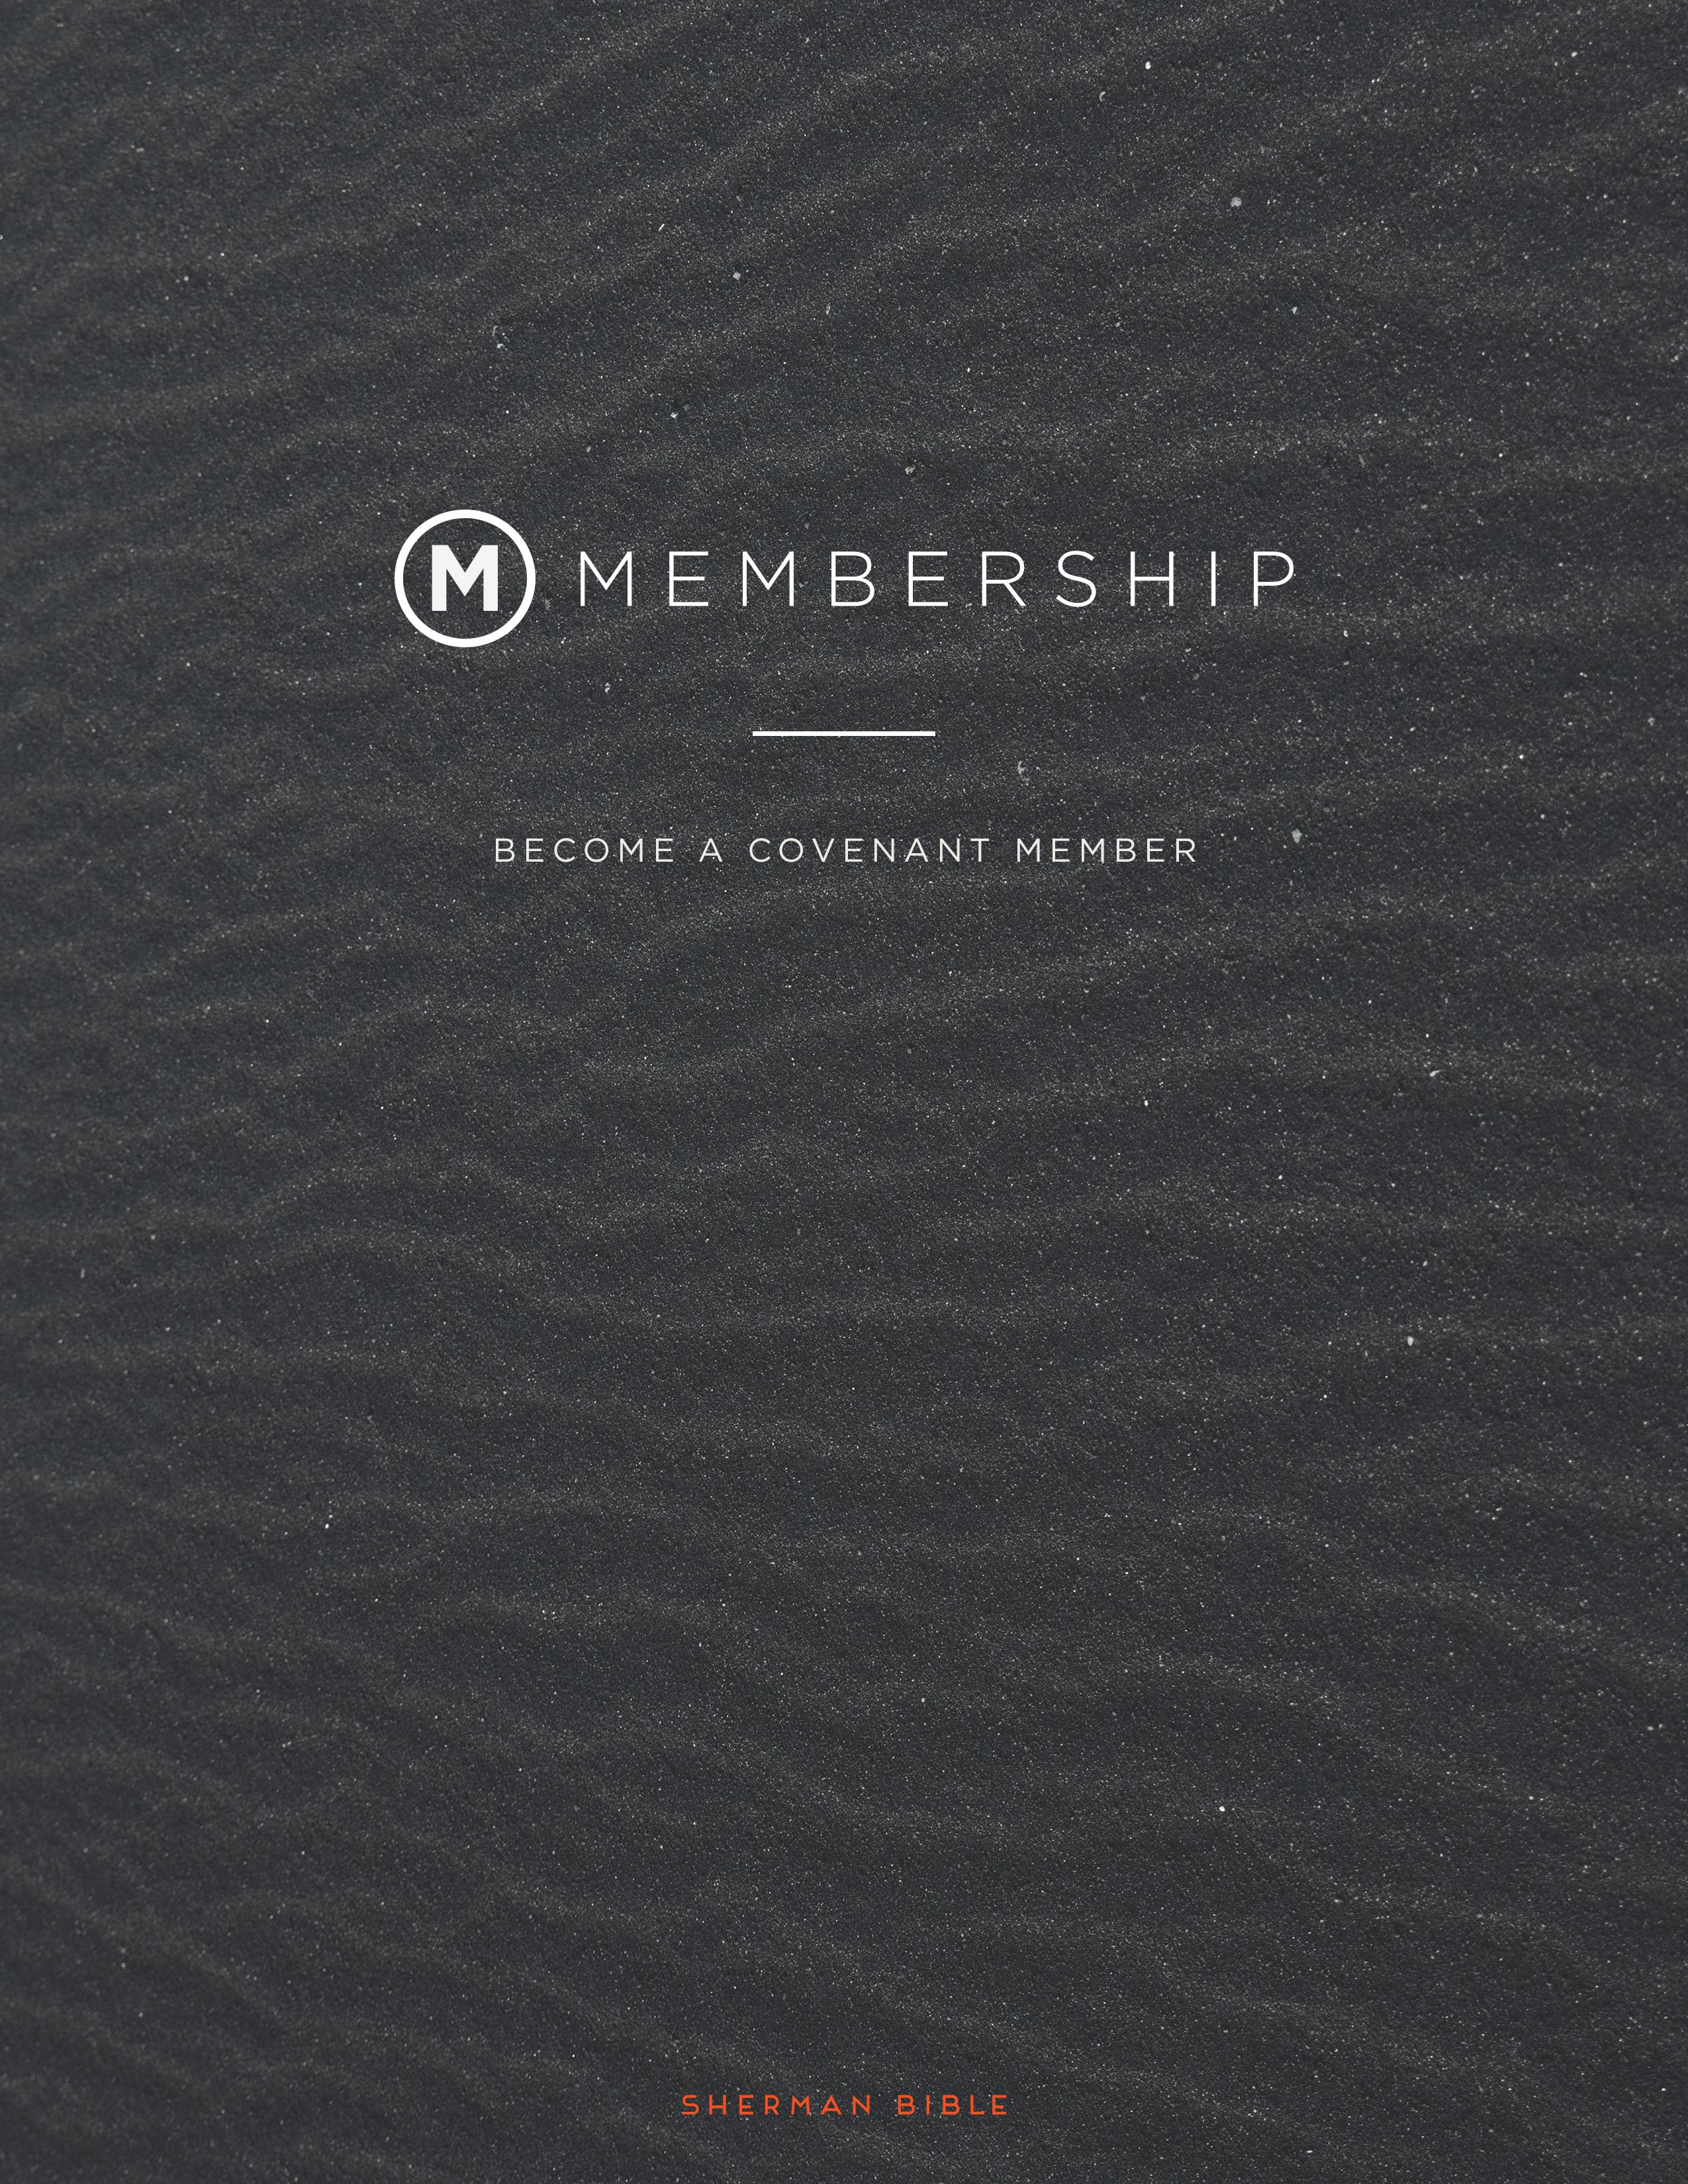 Membership cover